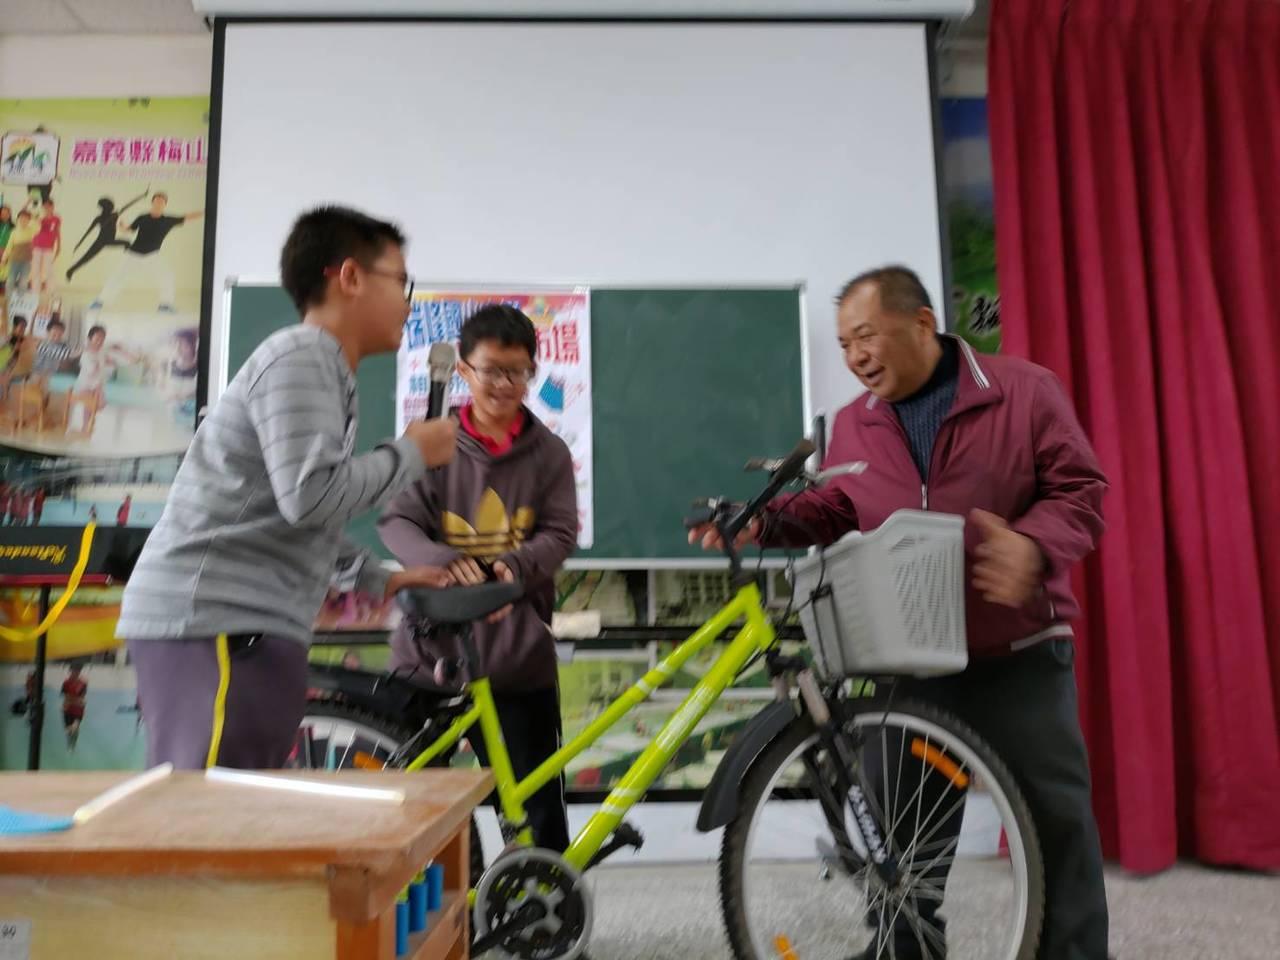 村長葉永鑫標下單車,並捐出給學校辦親子健行及淨山的摸彩品。圖/瑞峰國小提供